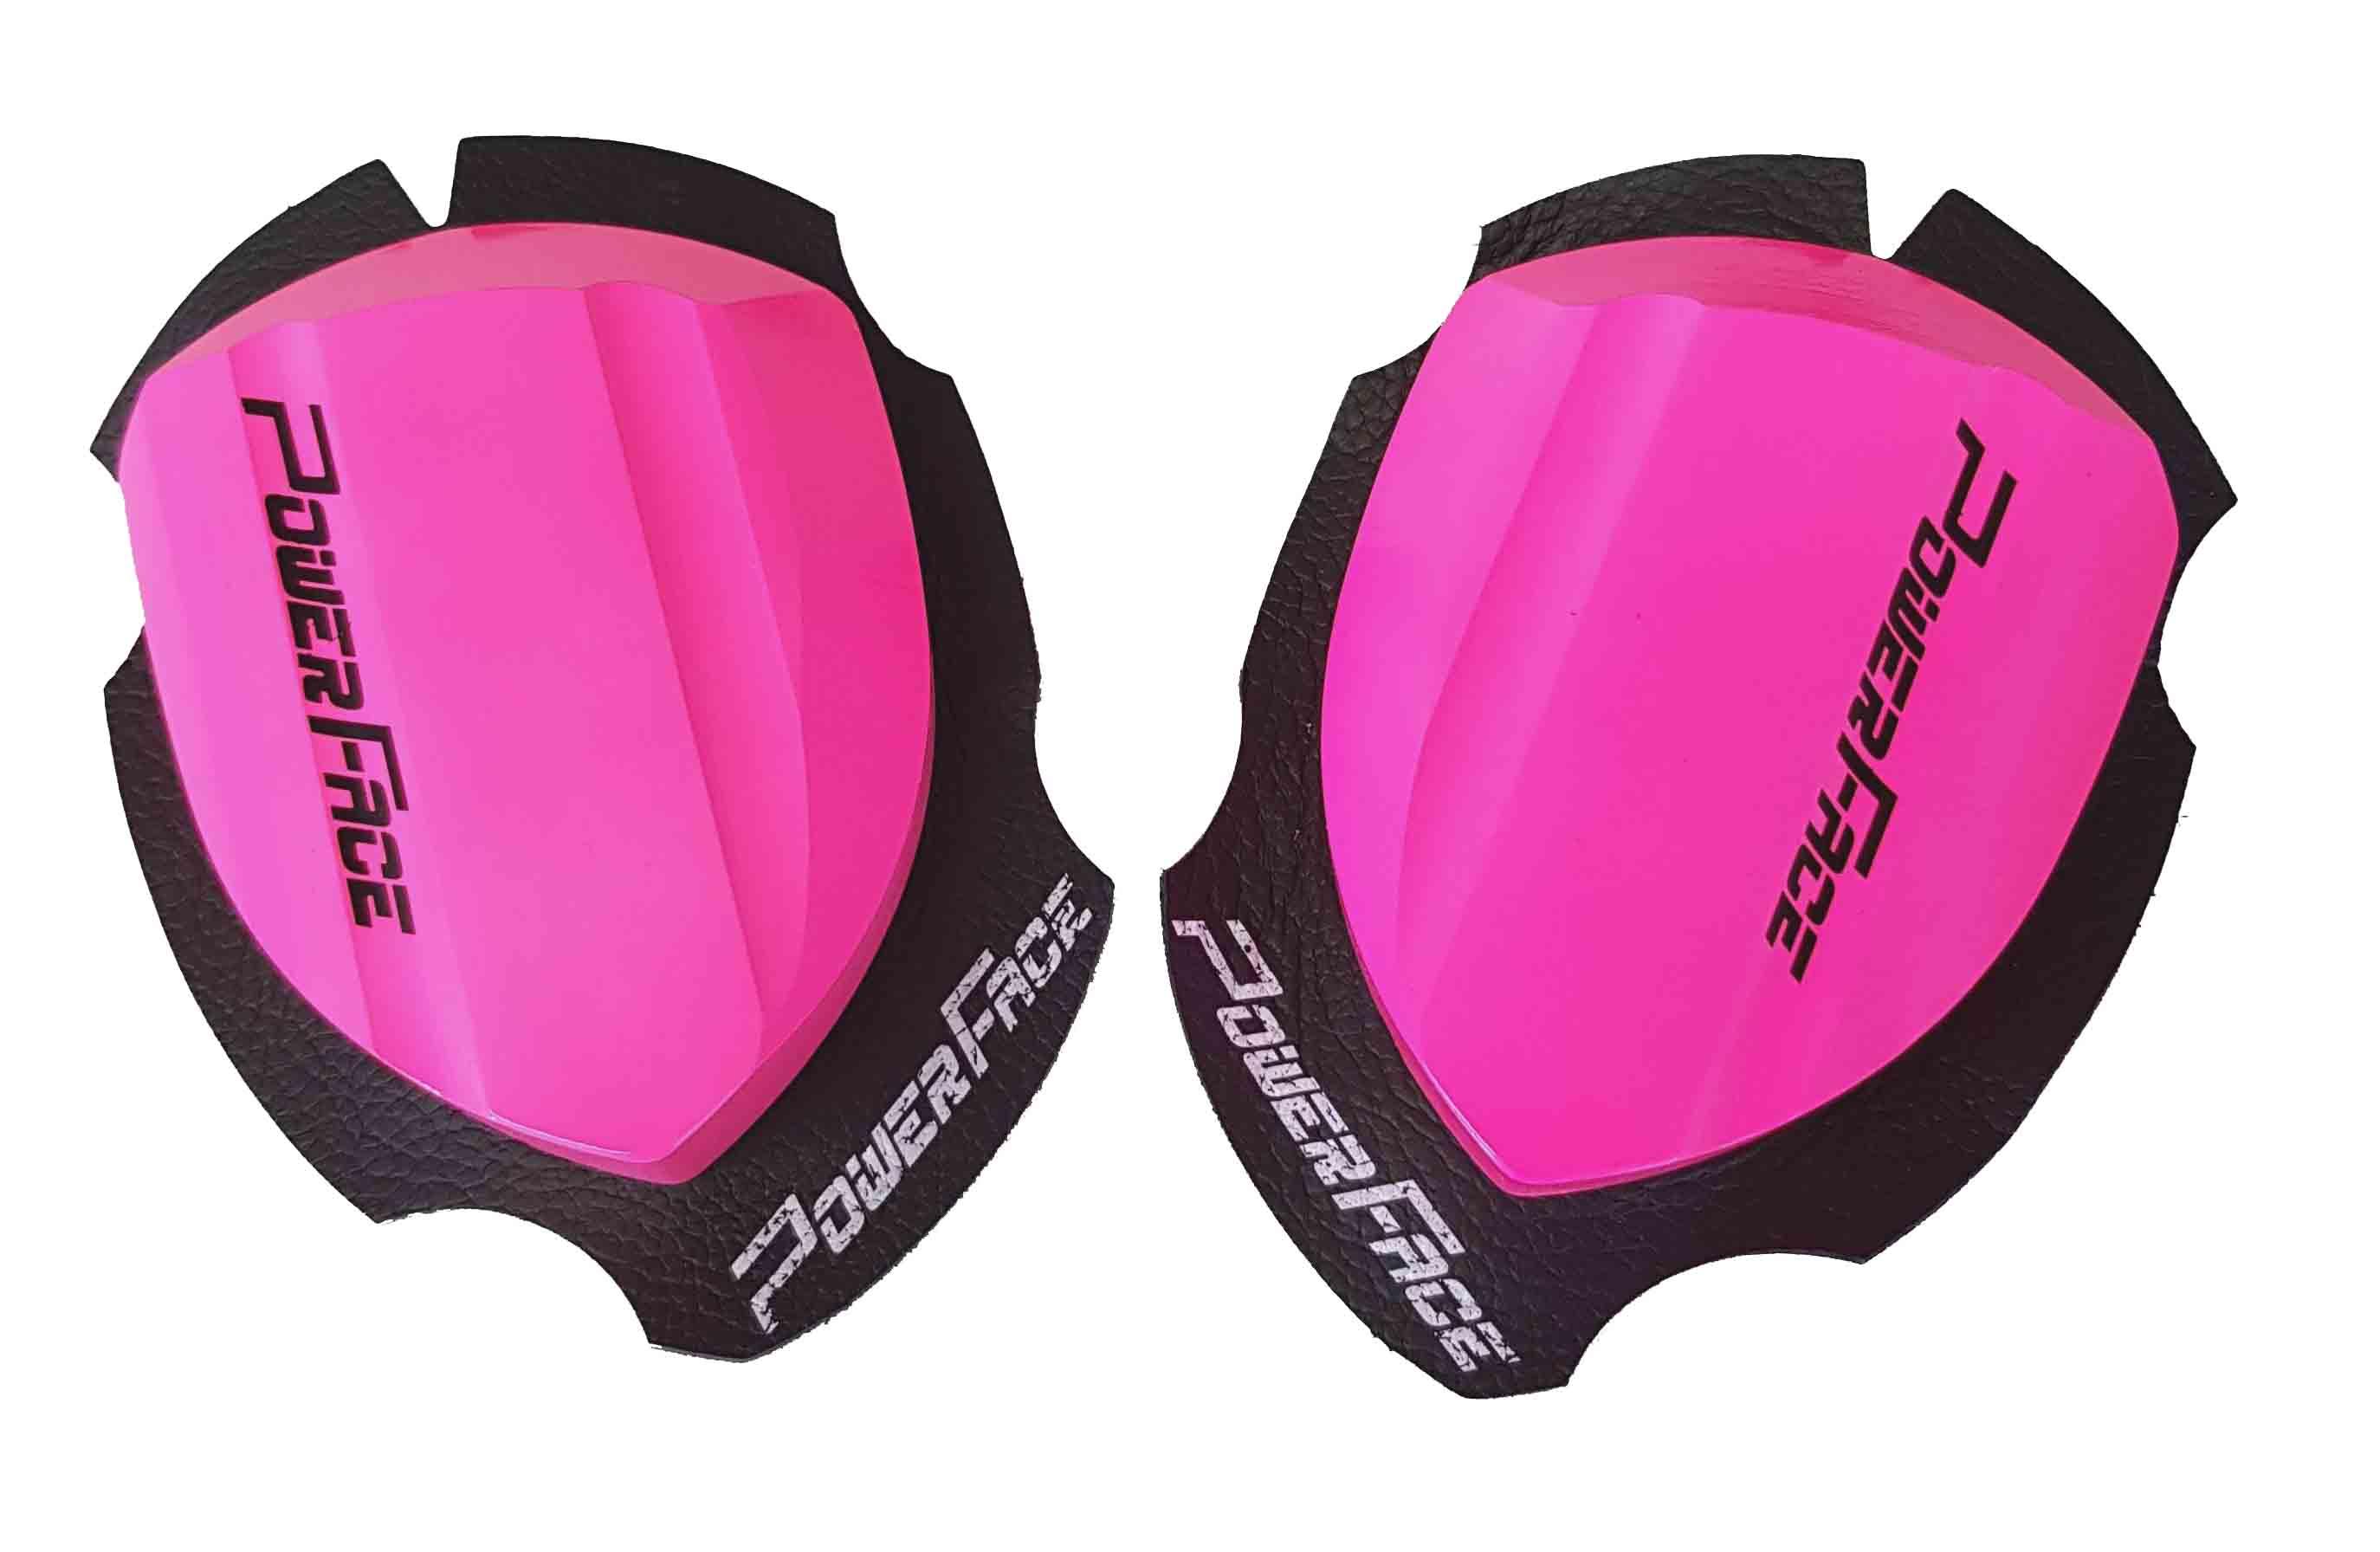 Power Face Holzknieschleifer Race pink